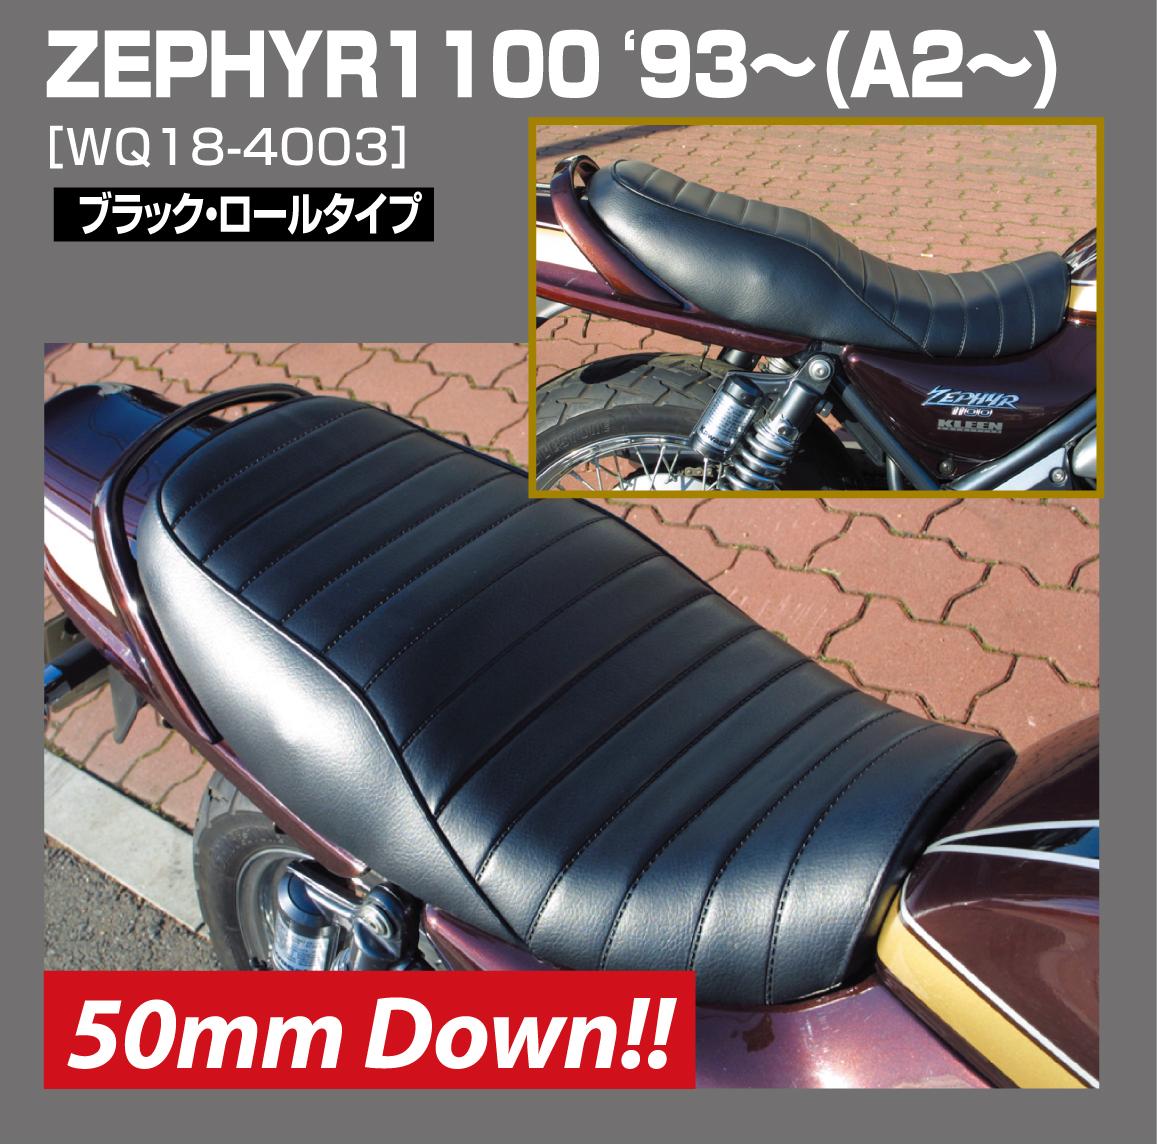 ゼファー1100(93年~) カスタムシート ロール・ブラック 50mmダウン WORKS QUALITY(ワークスクオリティ)